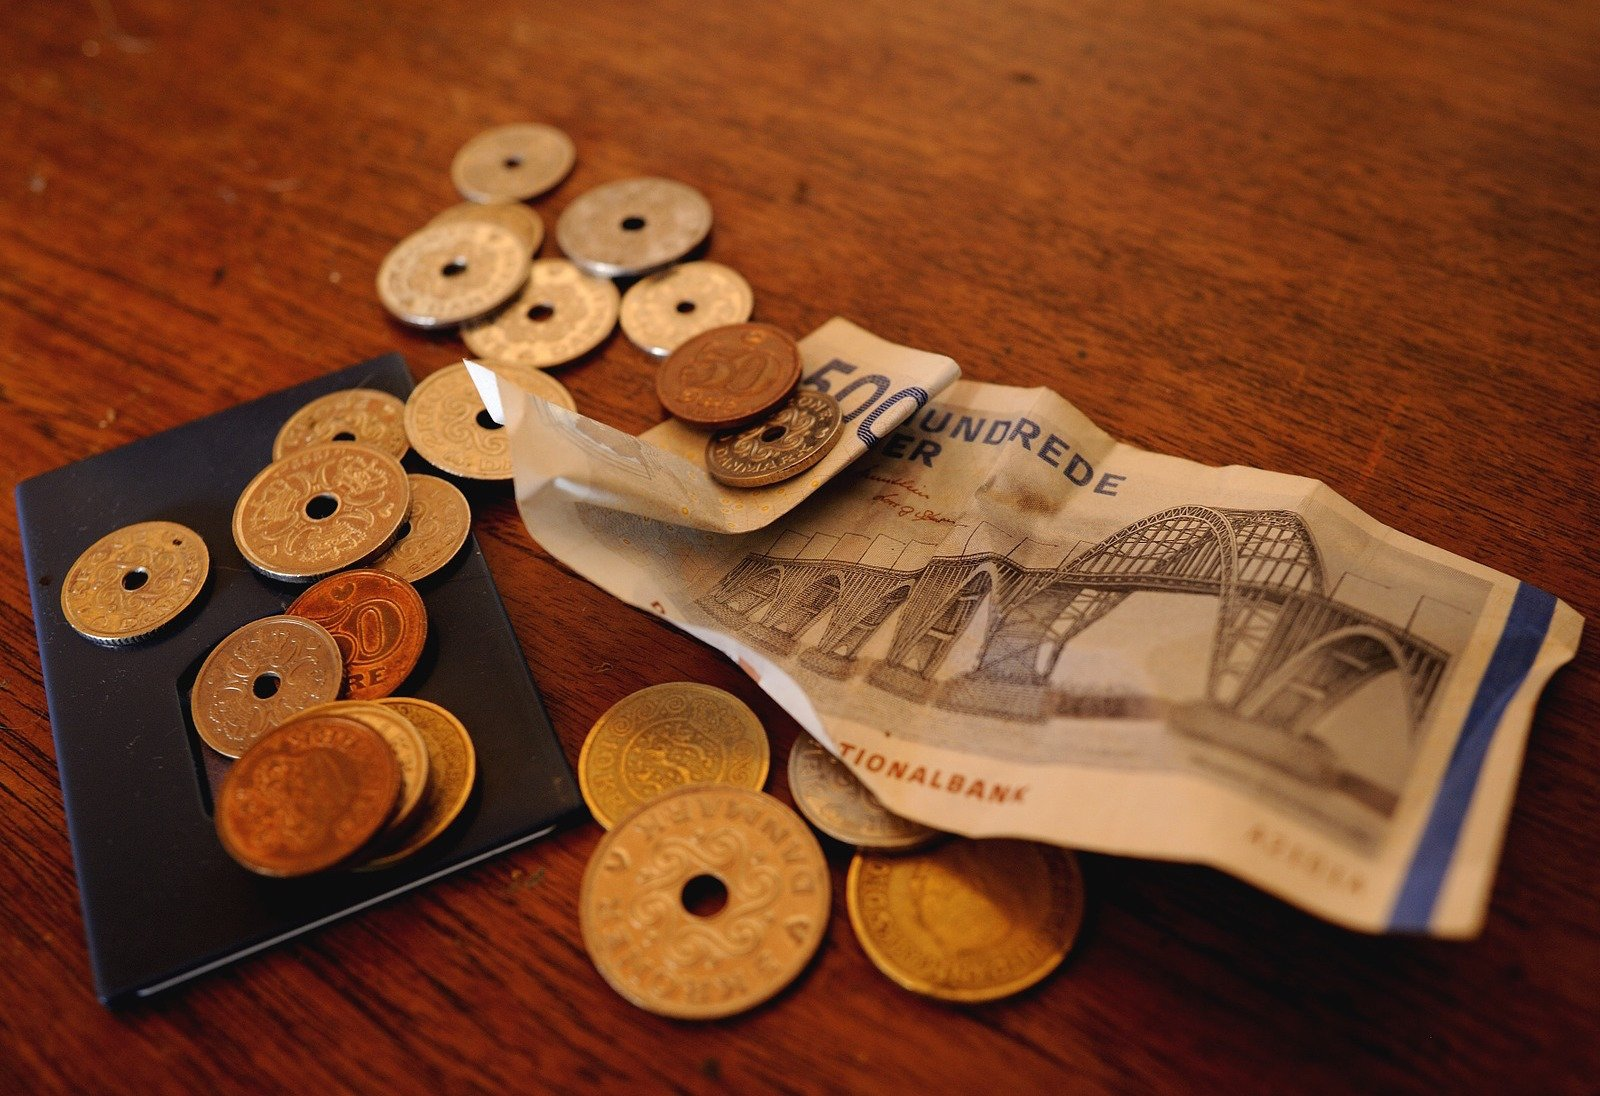 danish-krone-money